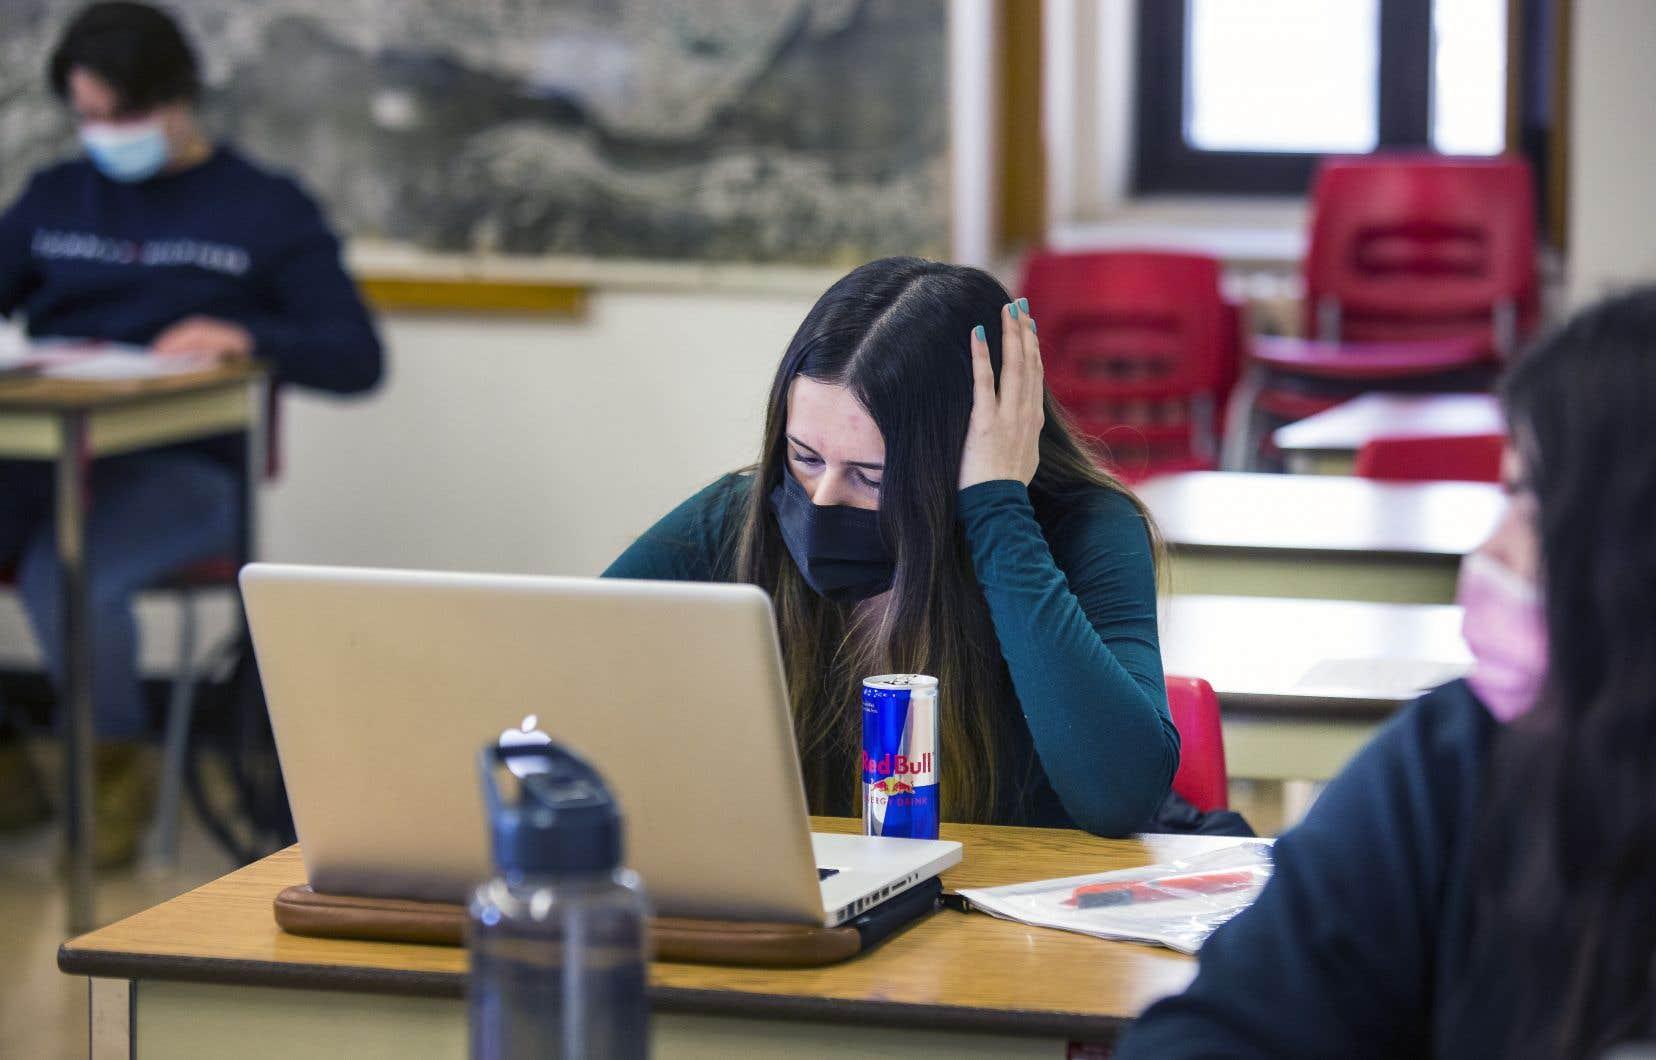 La FECQconsidère que les cégeps devraient planifier dès maintenant d'offrir davantage de présence en classe lors des semestres de l'été et de l'automne 2021.